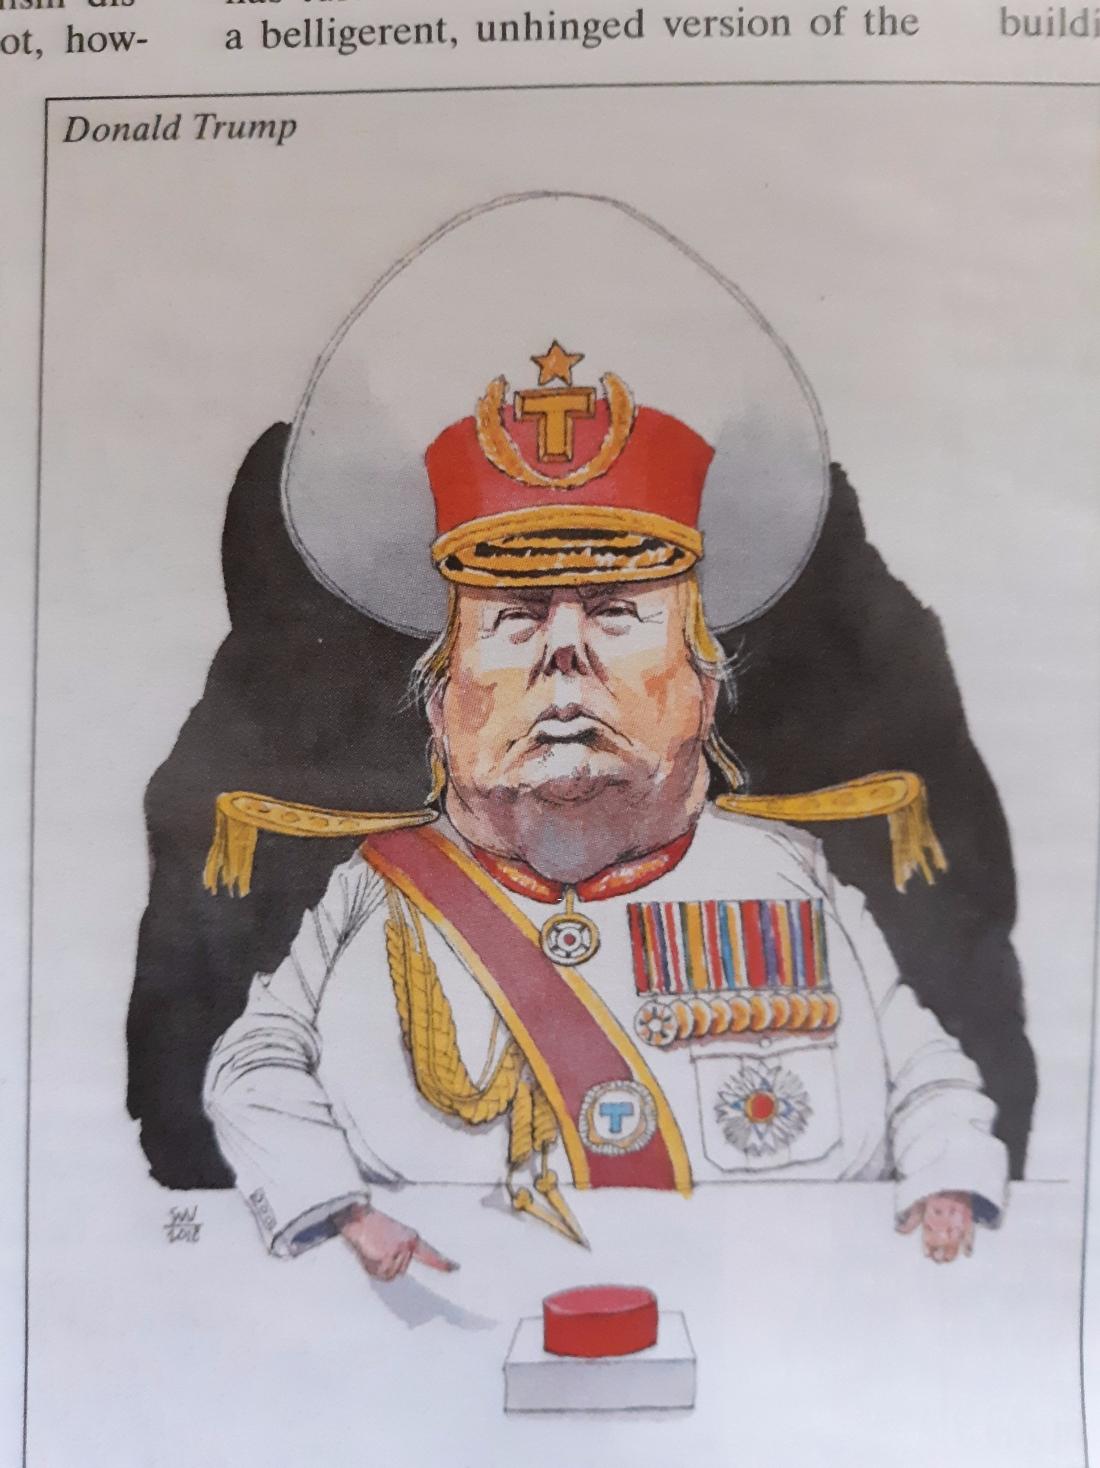 Trump the Dictator 1.26.2019